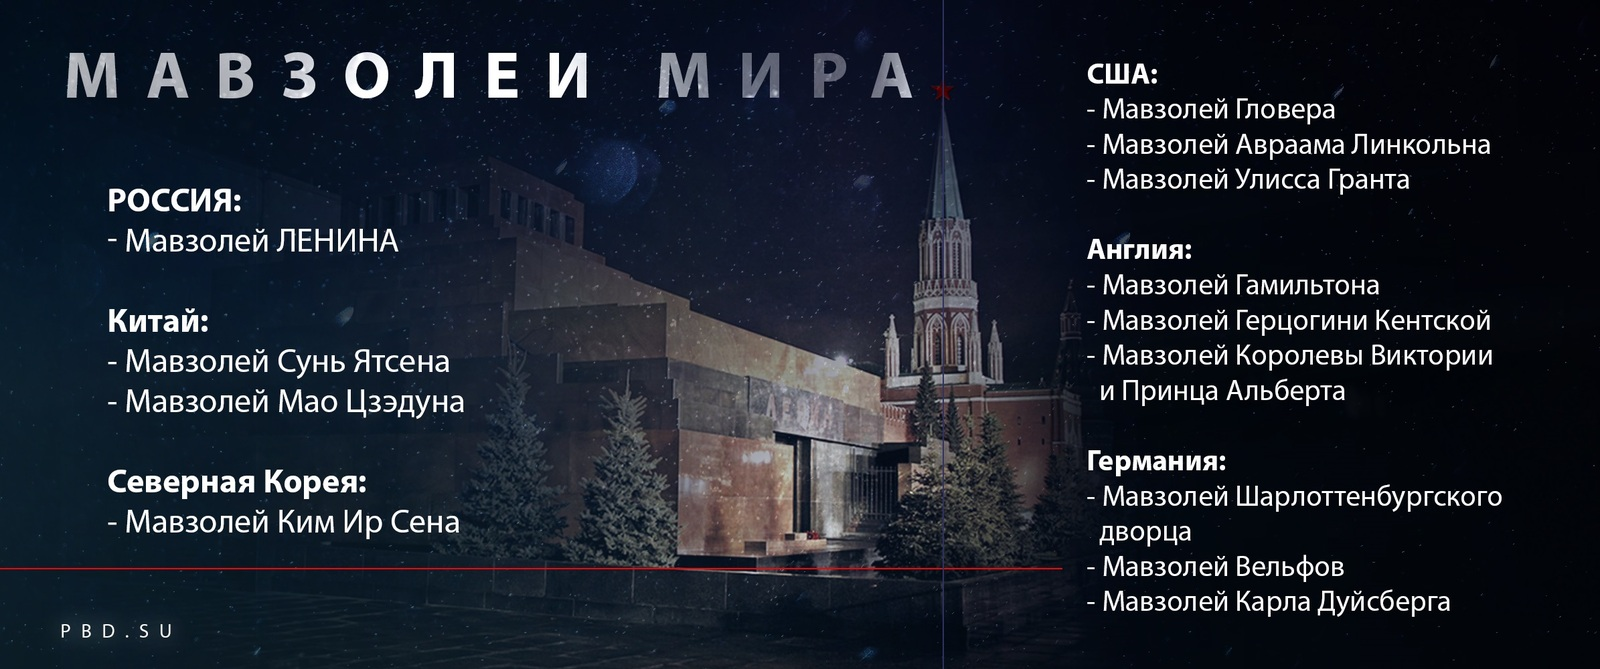 Мавзолей — википедия. что такое мавзолей